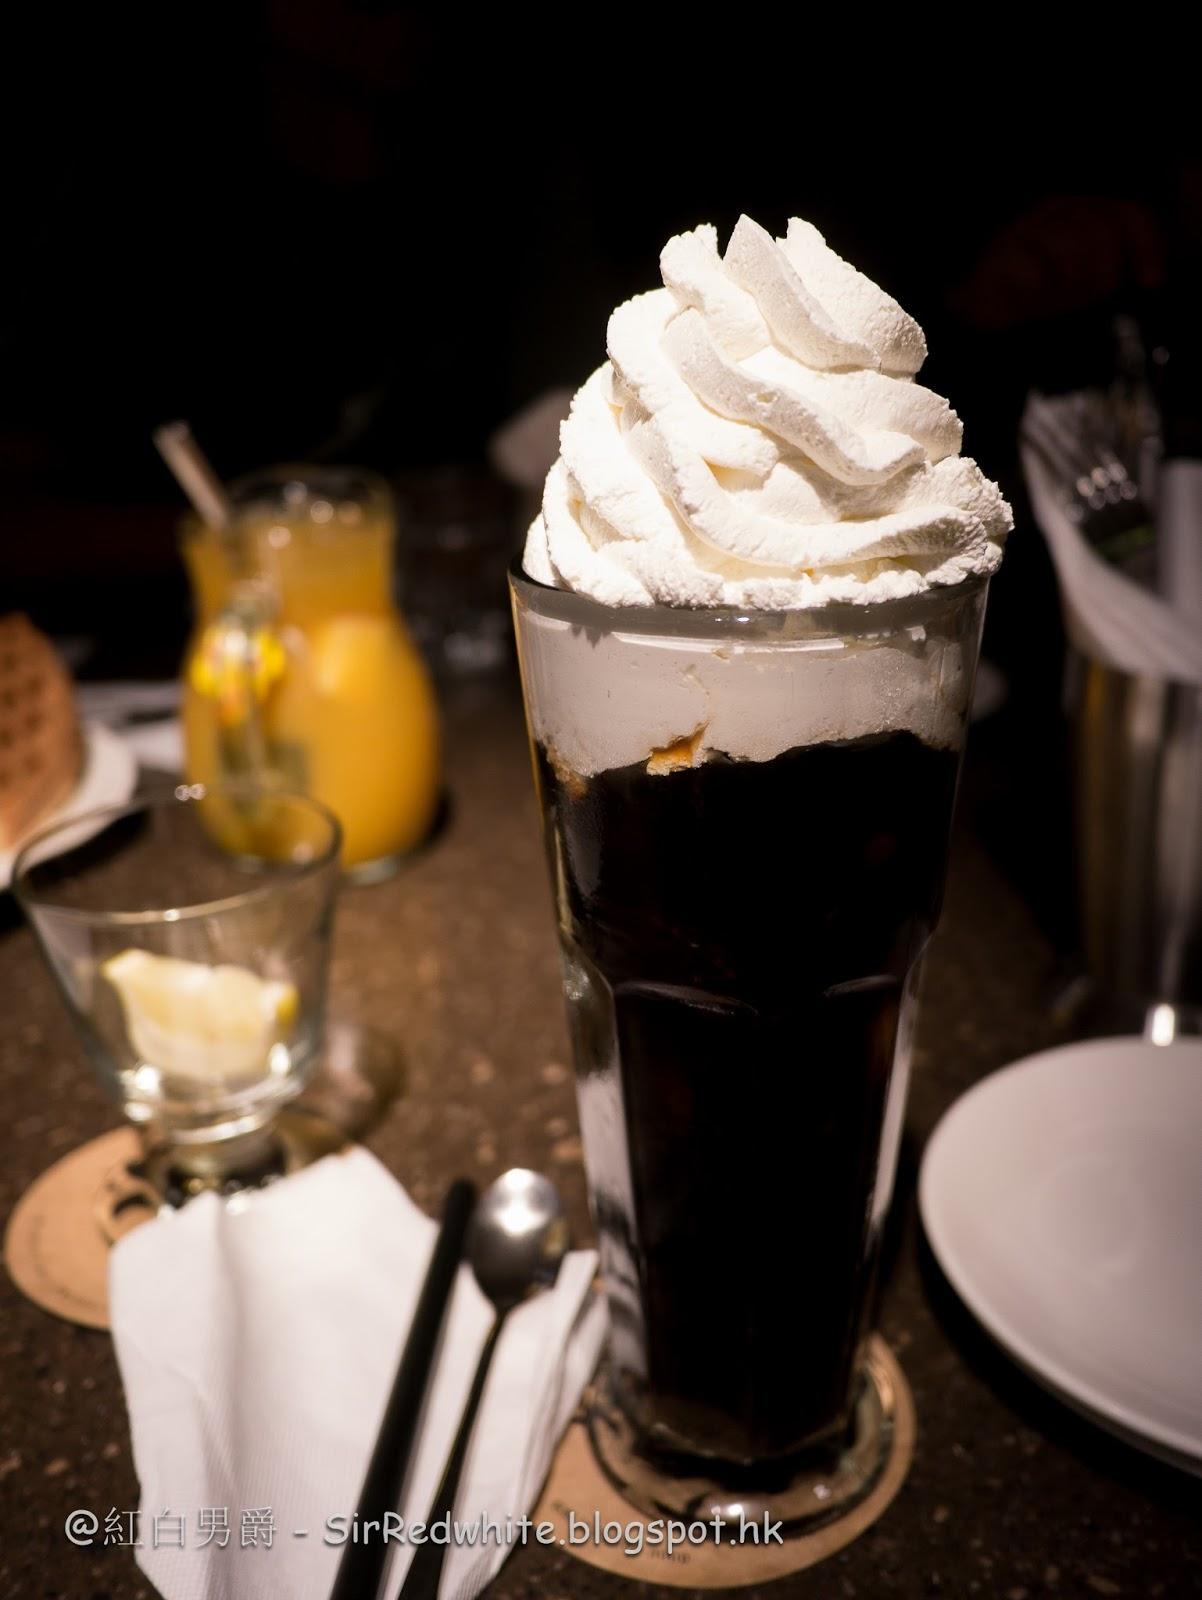 紅白男爵: 冰鮮果茶才是主角 - 咖啡弄